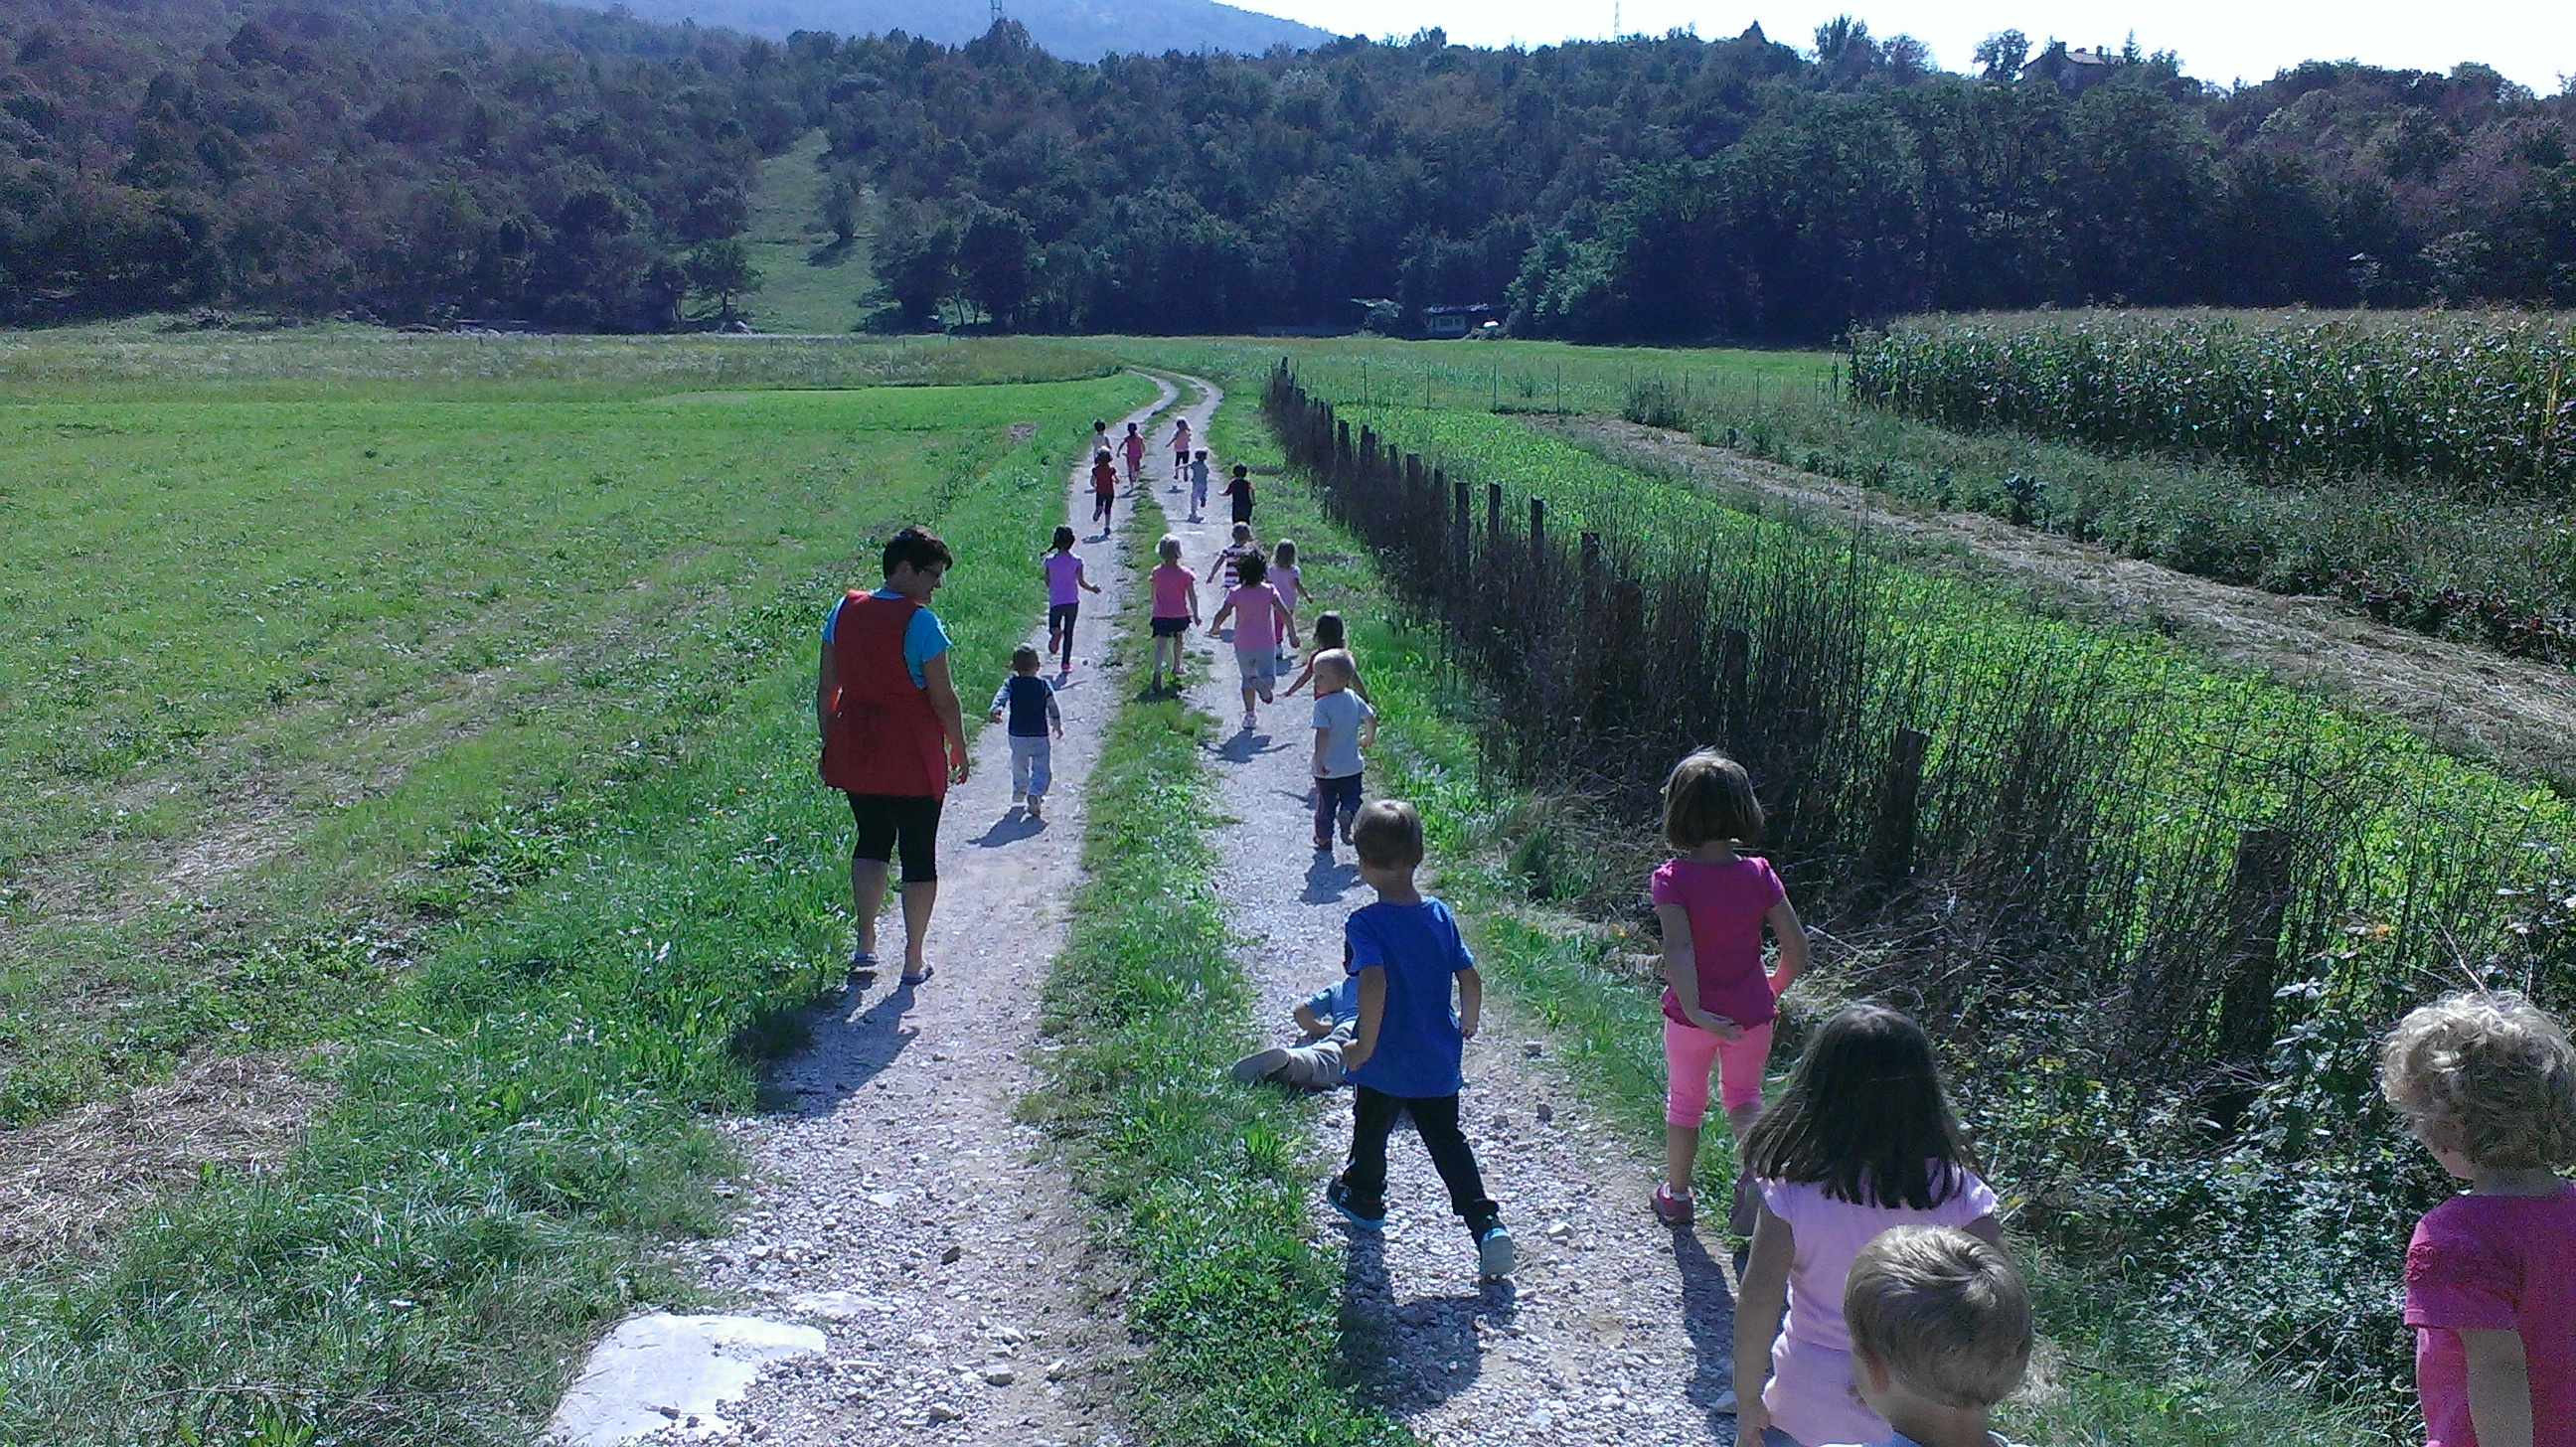 Skupinski sprehod v naravi